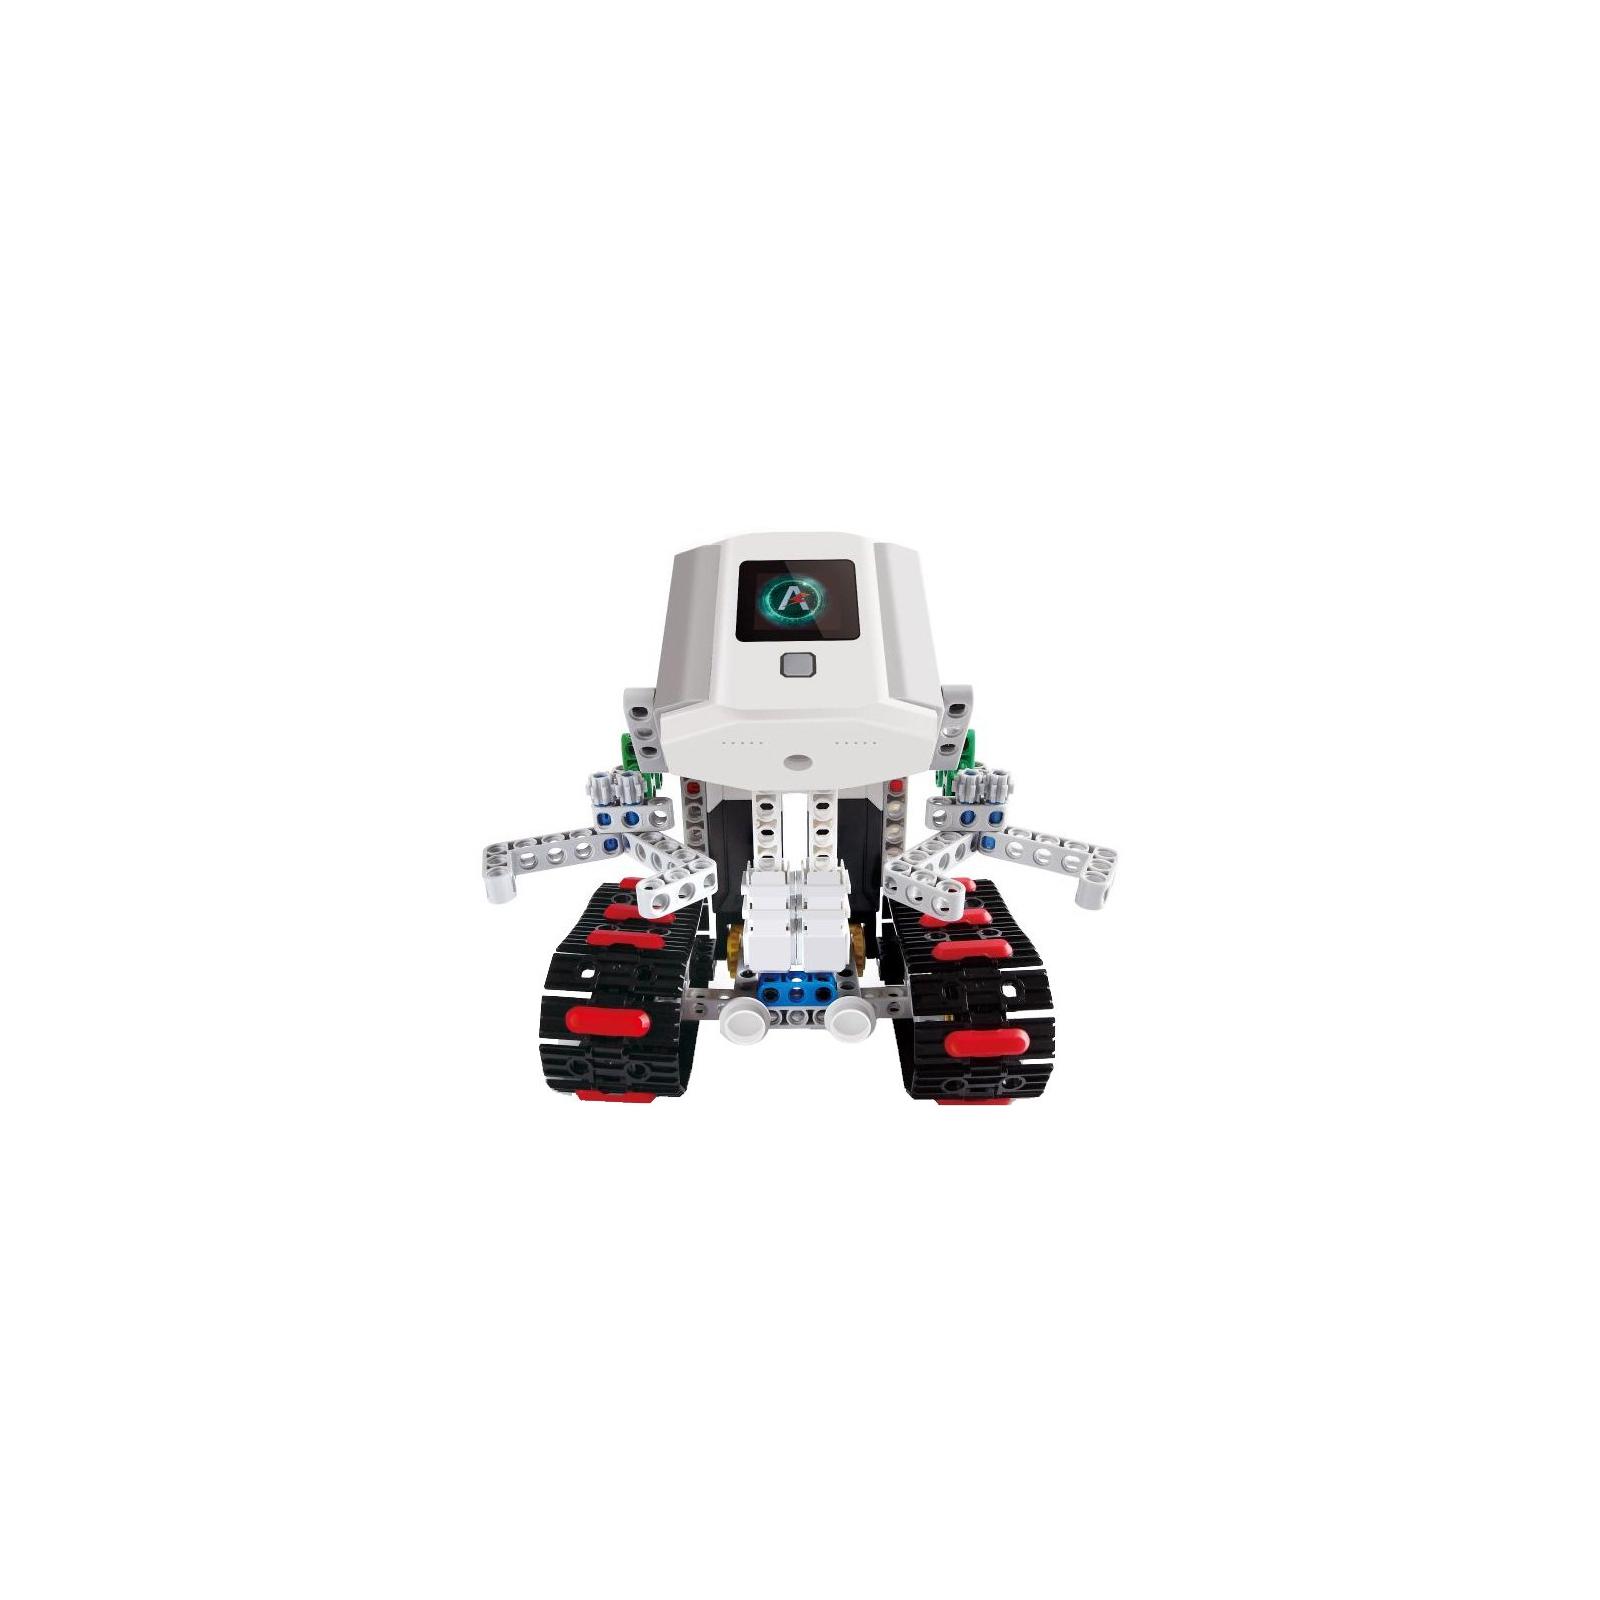 Робот Abilix Krypton 3 (Krypton_3) изображение 2